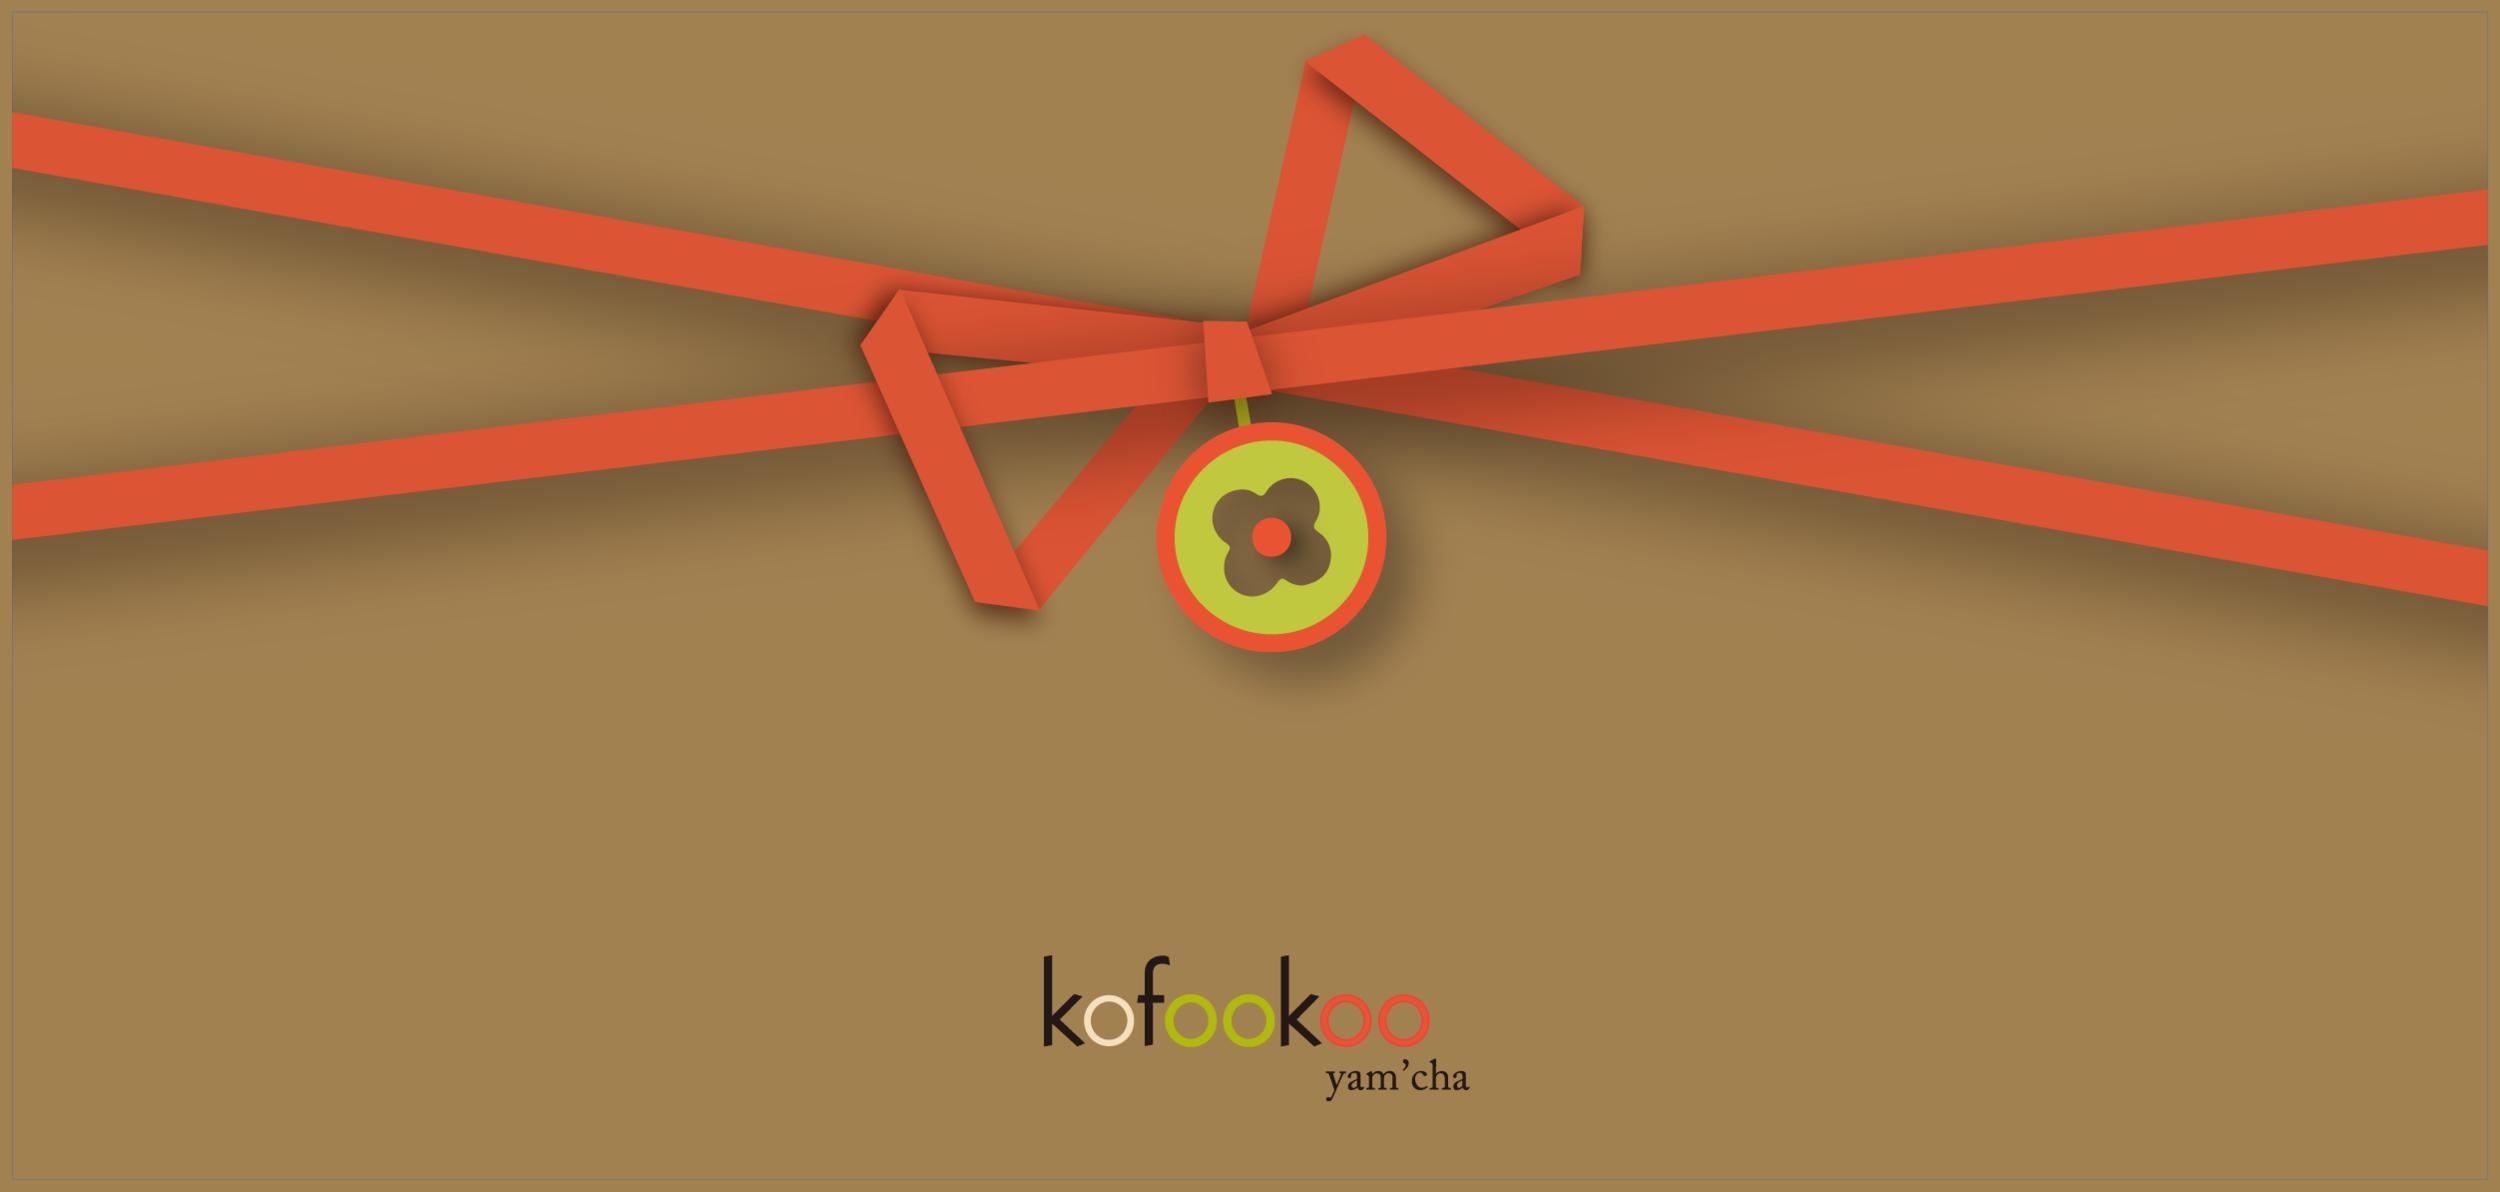 Geschenkgutscheine - Wenn Sie Ihren Freunden ein besonderes Erlebnis schenken wollen, können Sie auch Geschenkgutscheine von kofookoo yam'cha bestellen.Unsere Geldwertgutscheine sind nur am Standort kofookoo yam'cha Gerhart-Hauptmann-Platz einlösbar. Wir buchen Ihnen immer nur den Betrag ab, den Sie auch wirklich verwenden. Bar- oder Restauszahlung ist jedoch nicht möglich.Wir wünschen Ihnen eine tolle Zeit bei uns!